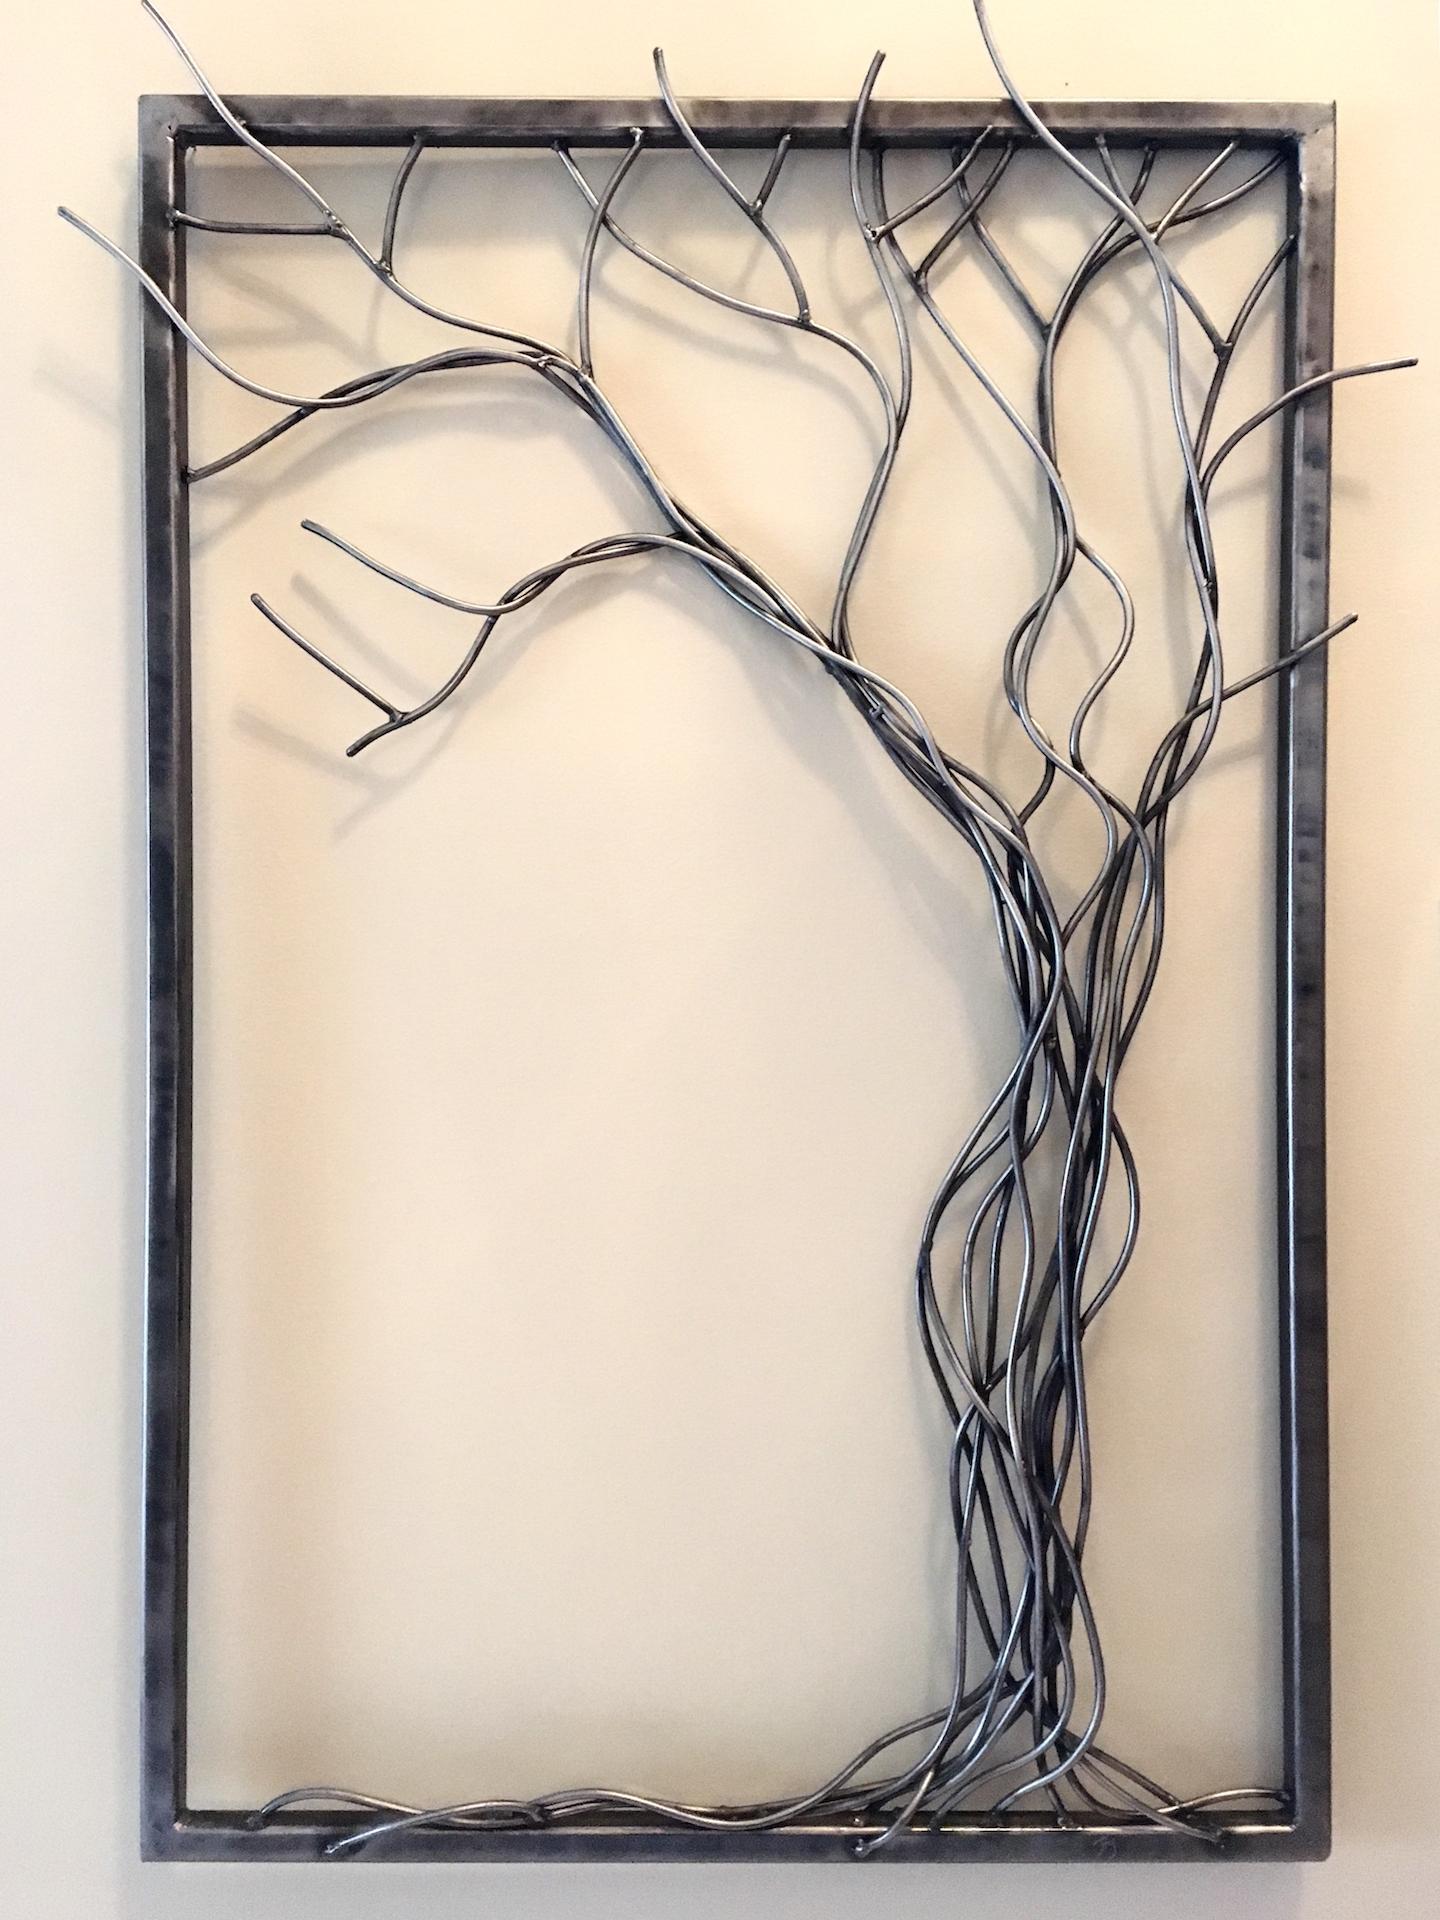 Daphne Wall Sculpture